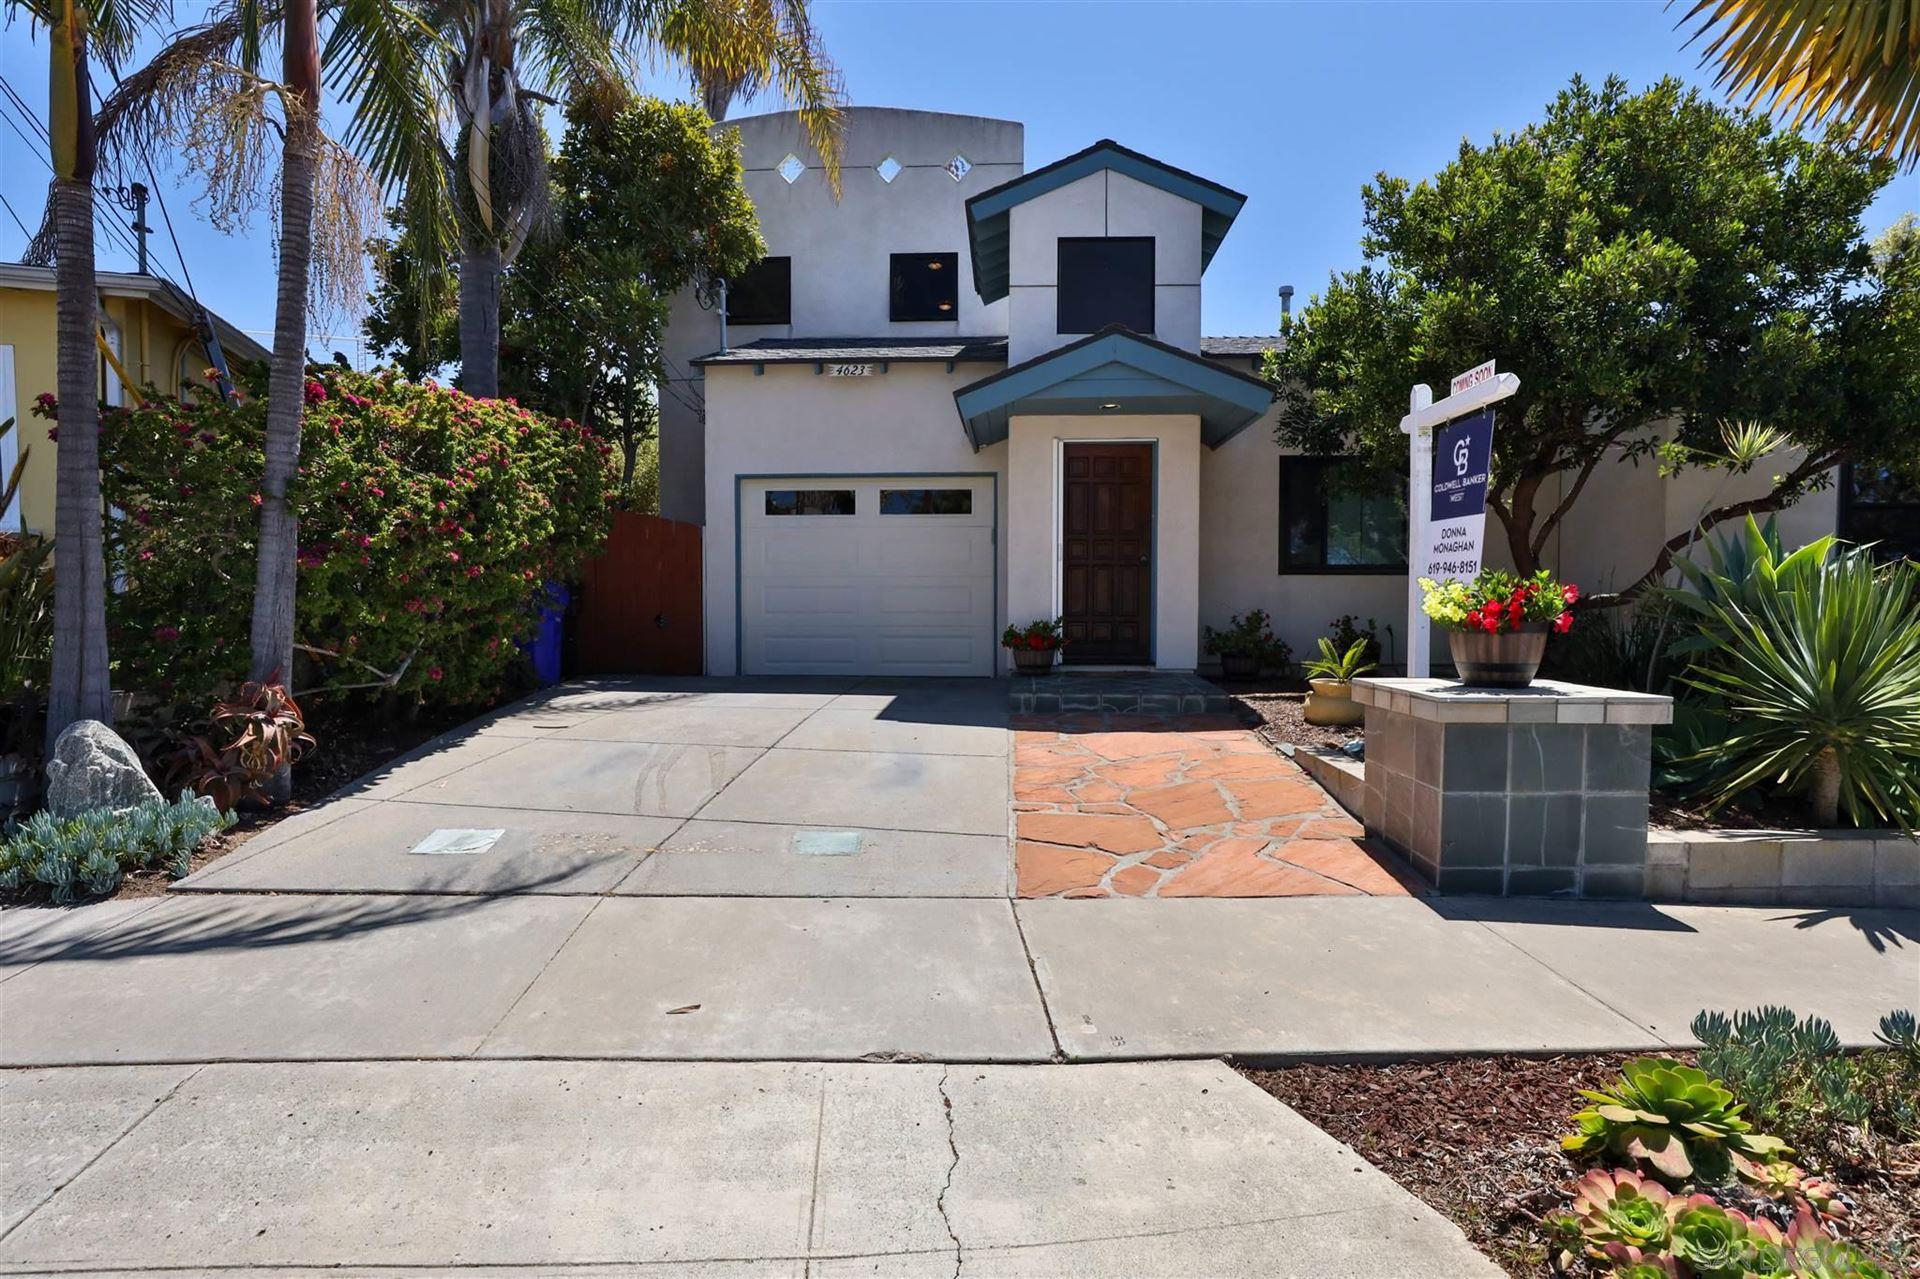 4623 Blackfoot Ave, San Diego, CA 92117 - MLS#: 210010314